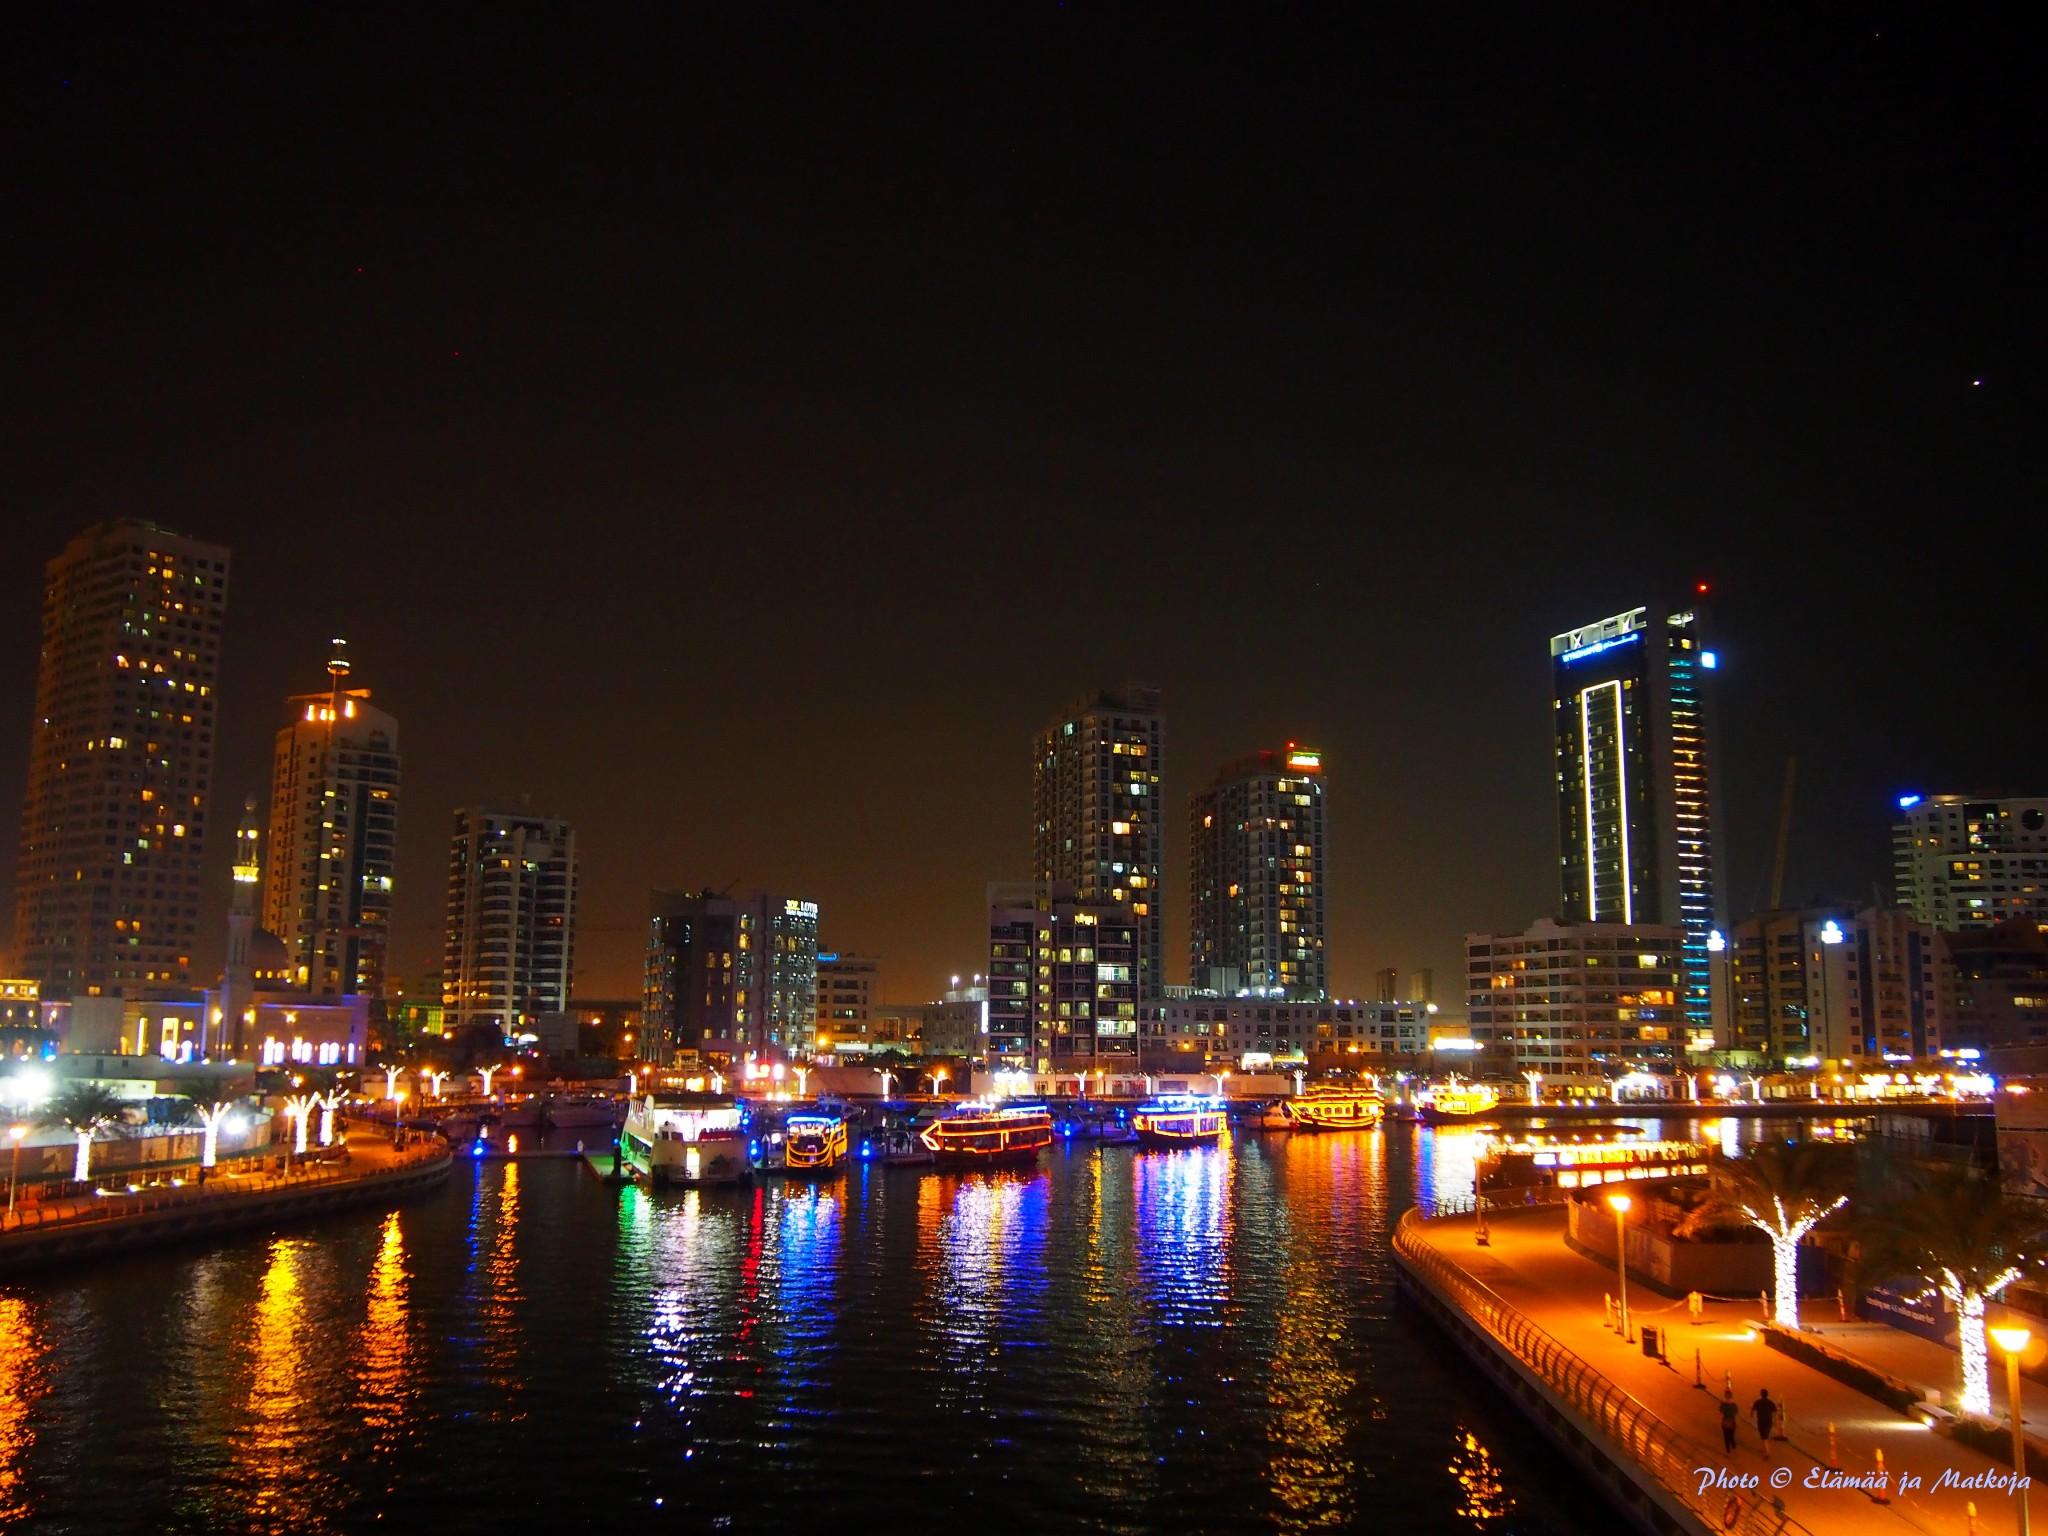 Ennen risteilyä majoituimme Dubai Marinan uudempaan, ns. waterfronf osaan. Photo © Elämää ja Matkoja